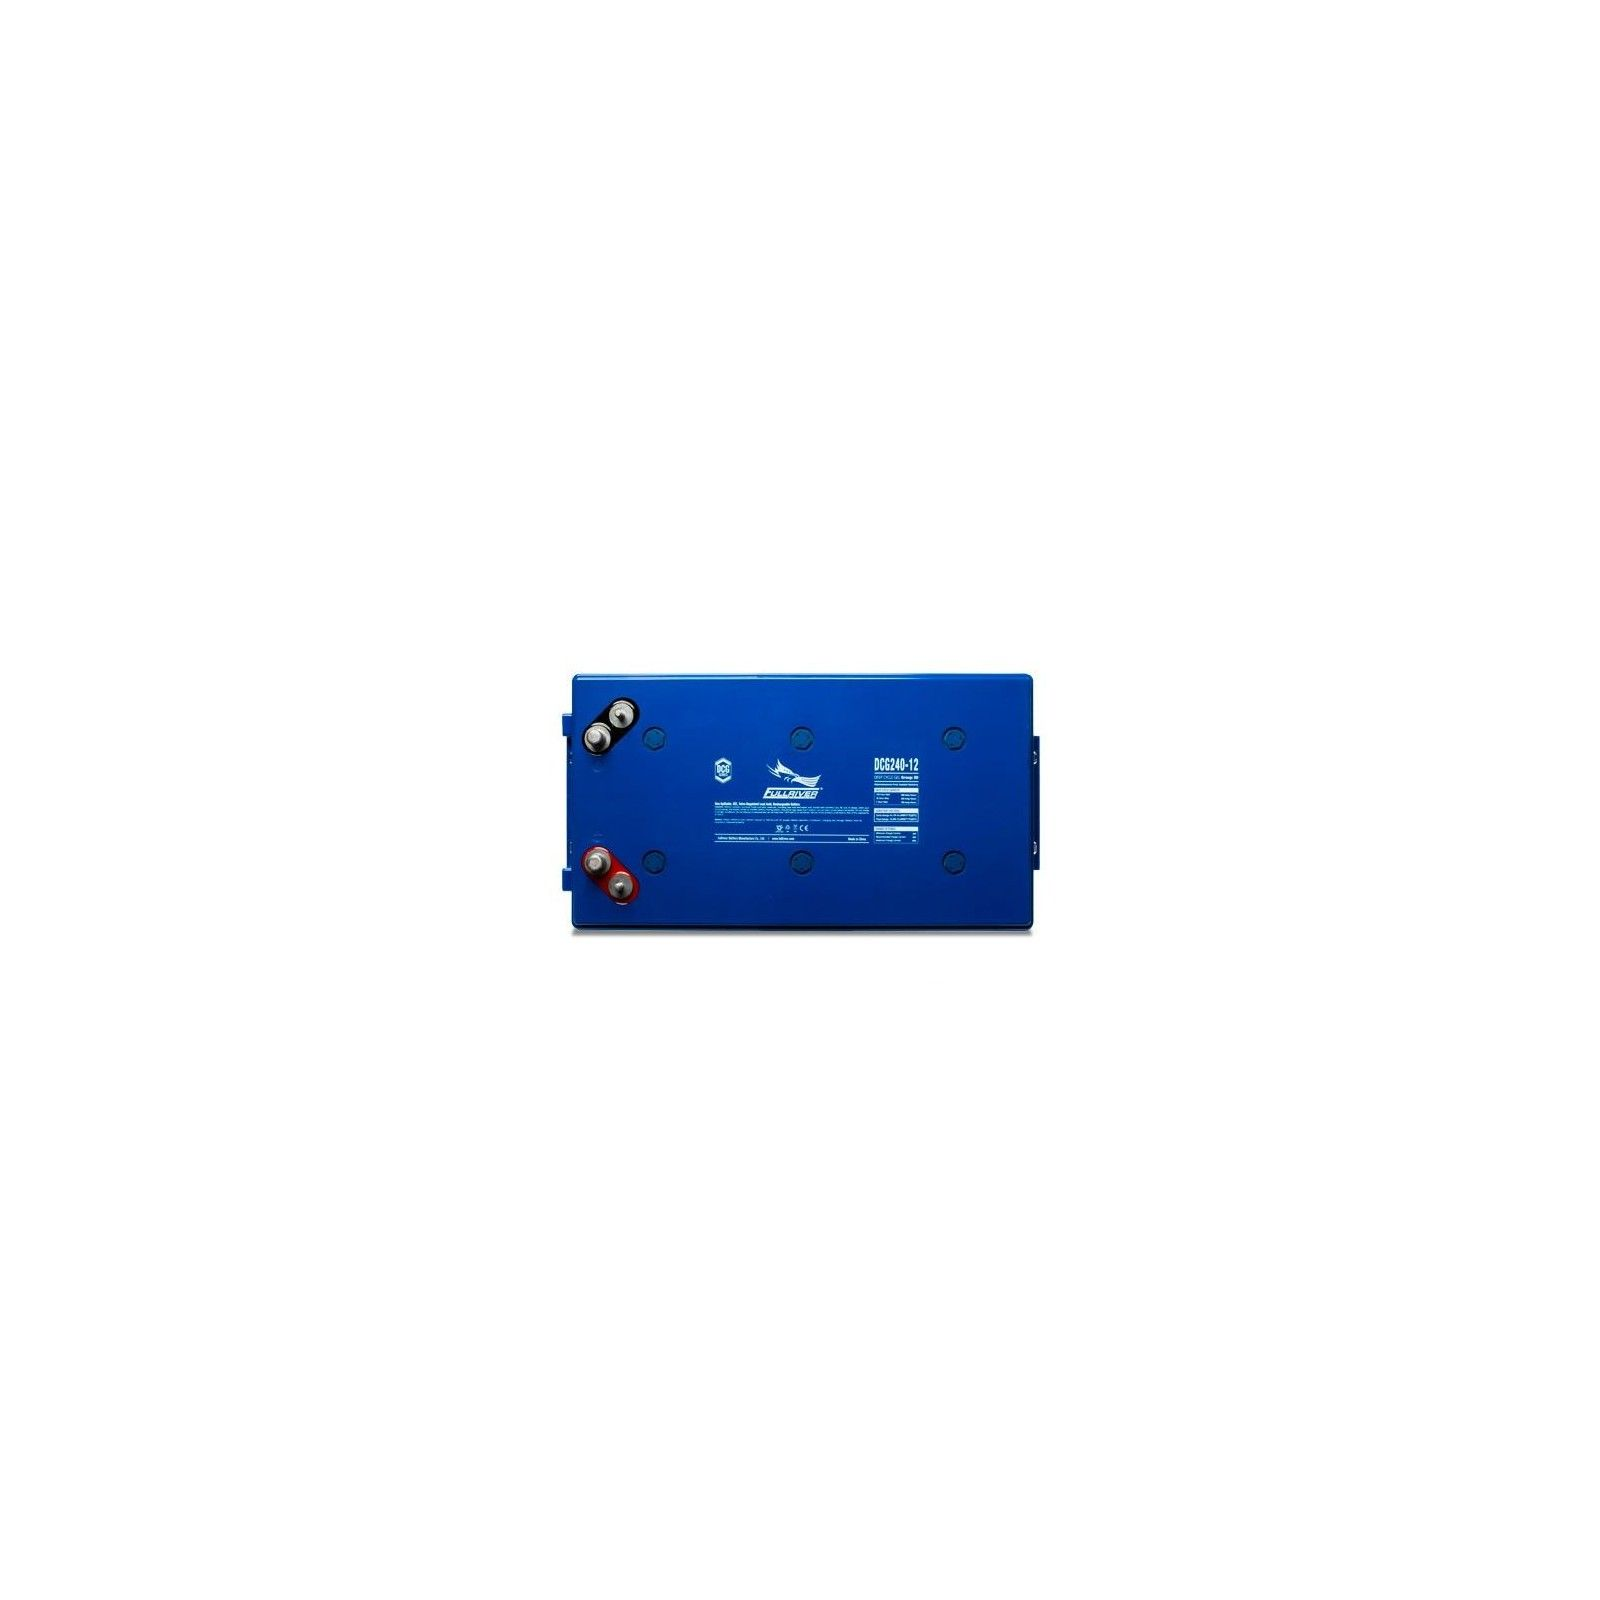 Batería Fullriver DCG240-12 240Ah 12V Dcg FULLRIVER - 1